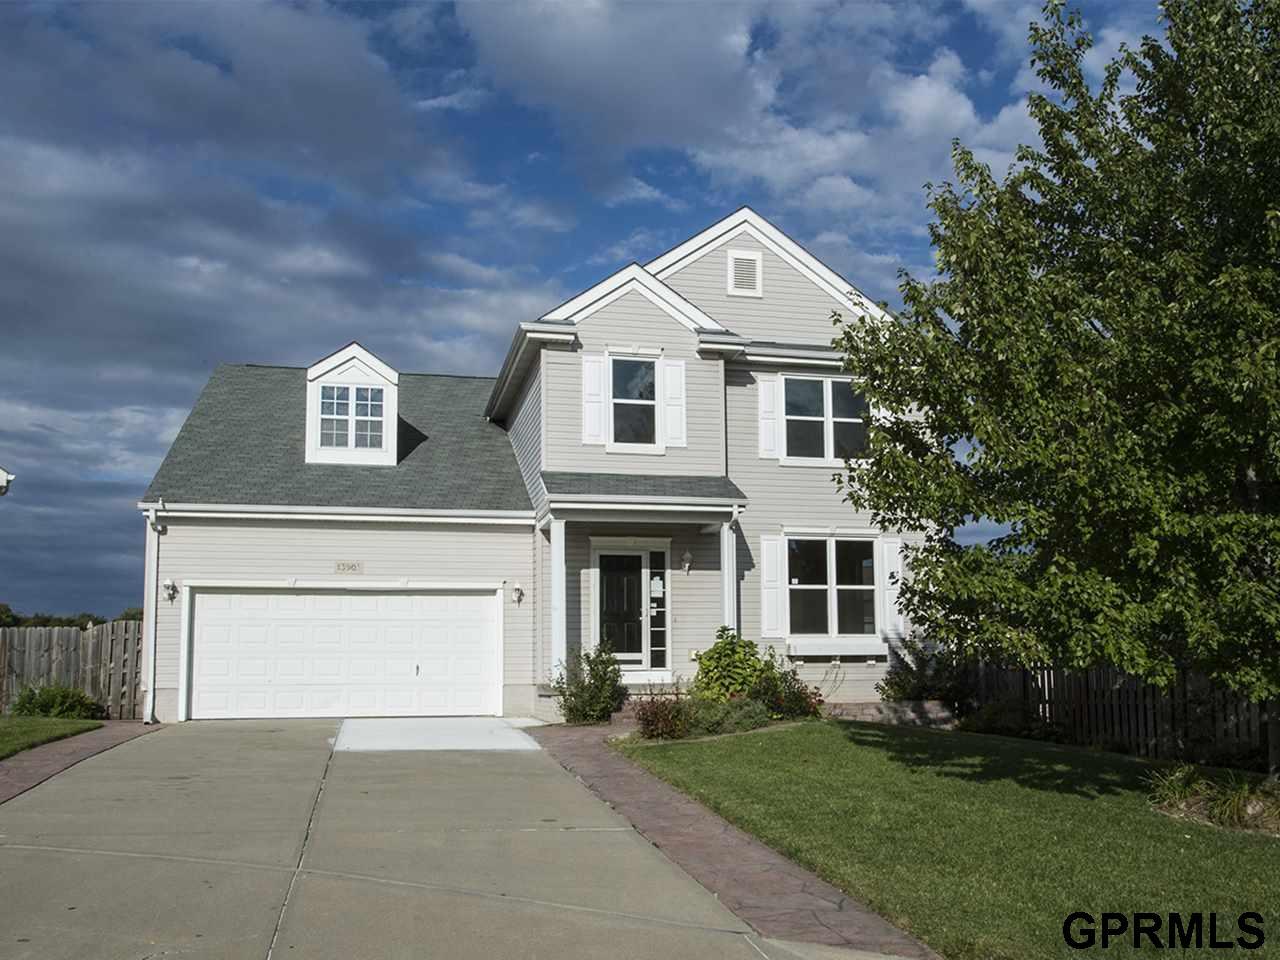 Real Estate for Sale, ListingId: 35628735, Bellevue,NE68123